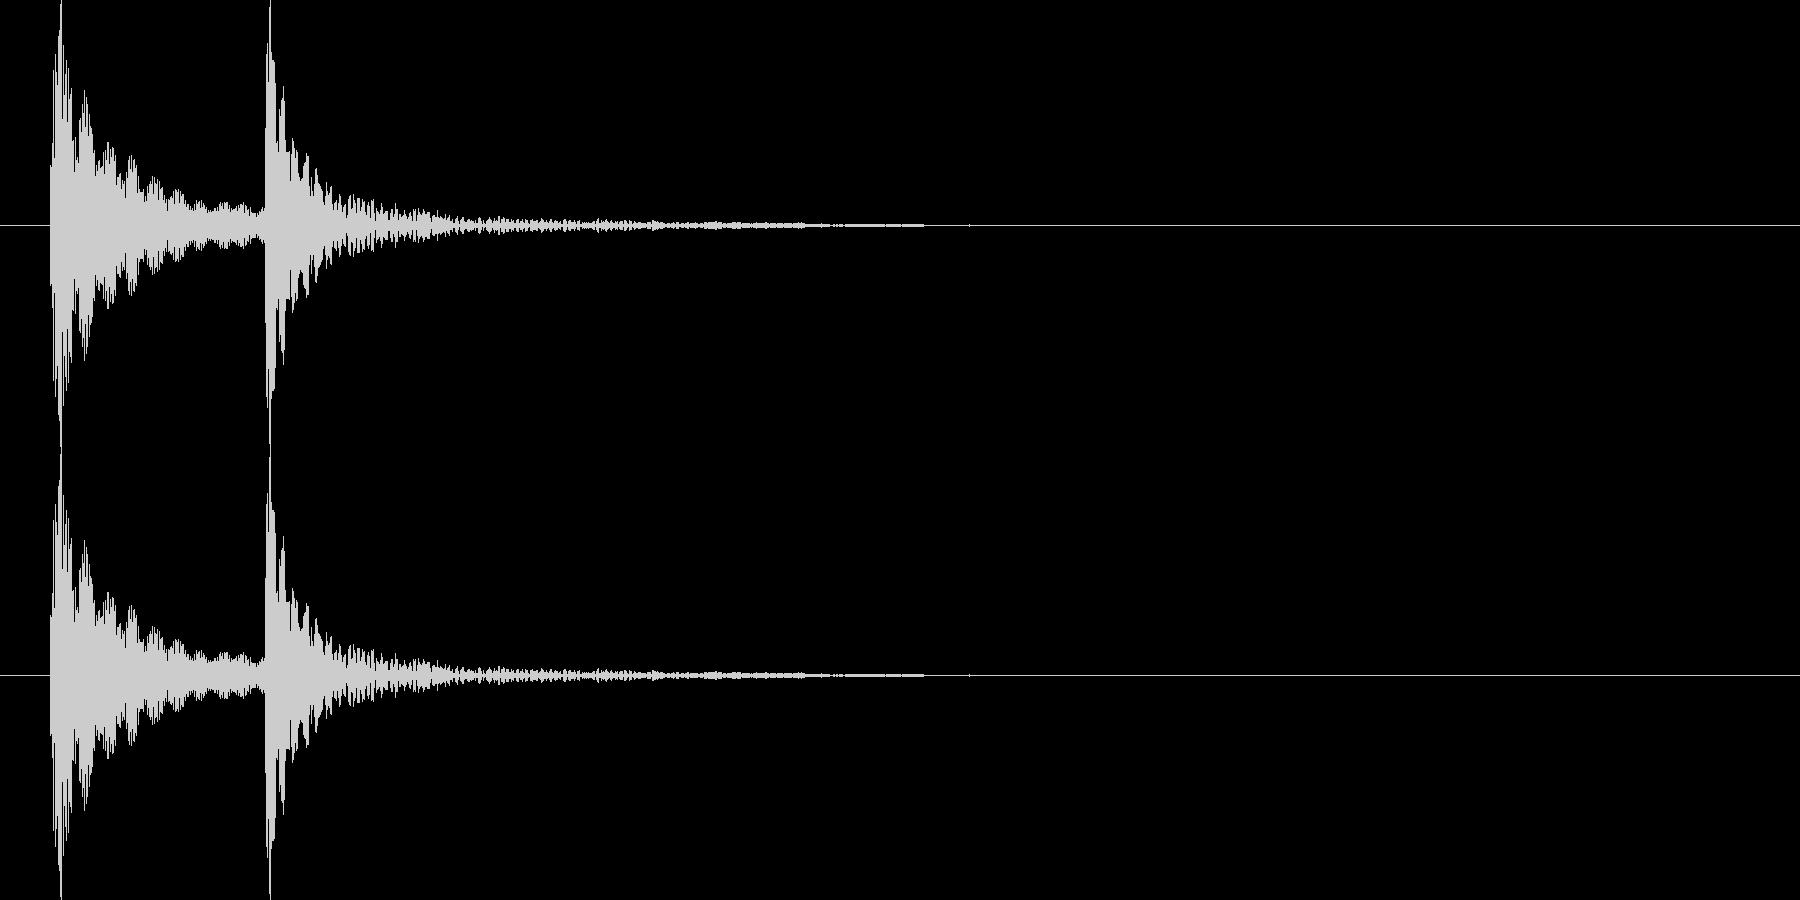 コテ(コテン)汎用的なタッチ音(高音)の未再生の波形